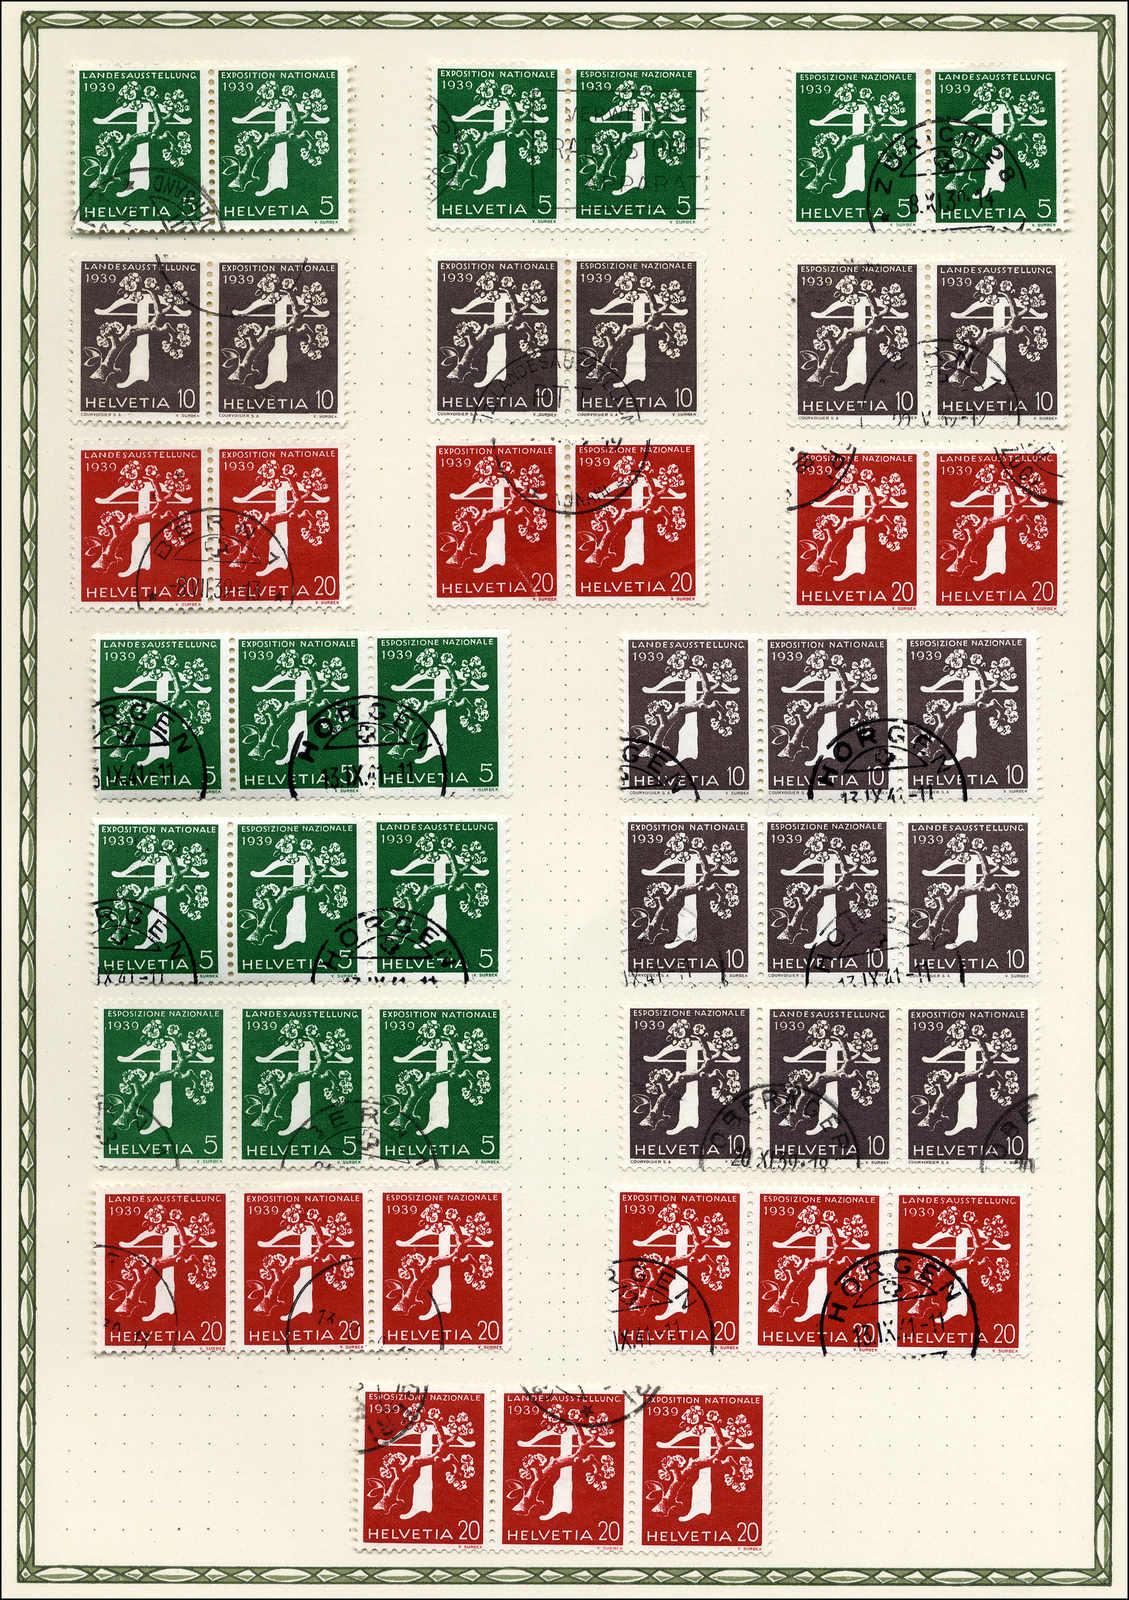 Lot 140 - schweiz schweiz -  Rolli Auctions Auction #68 Day 1